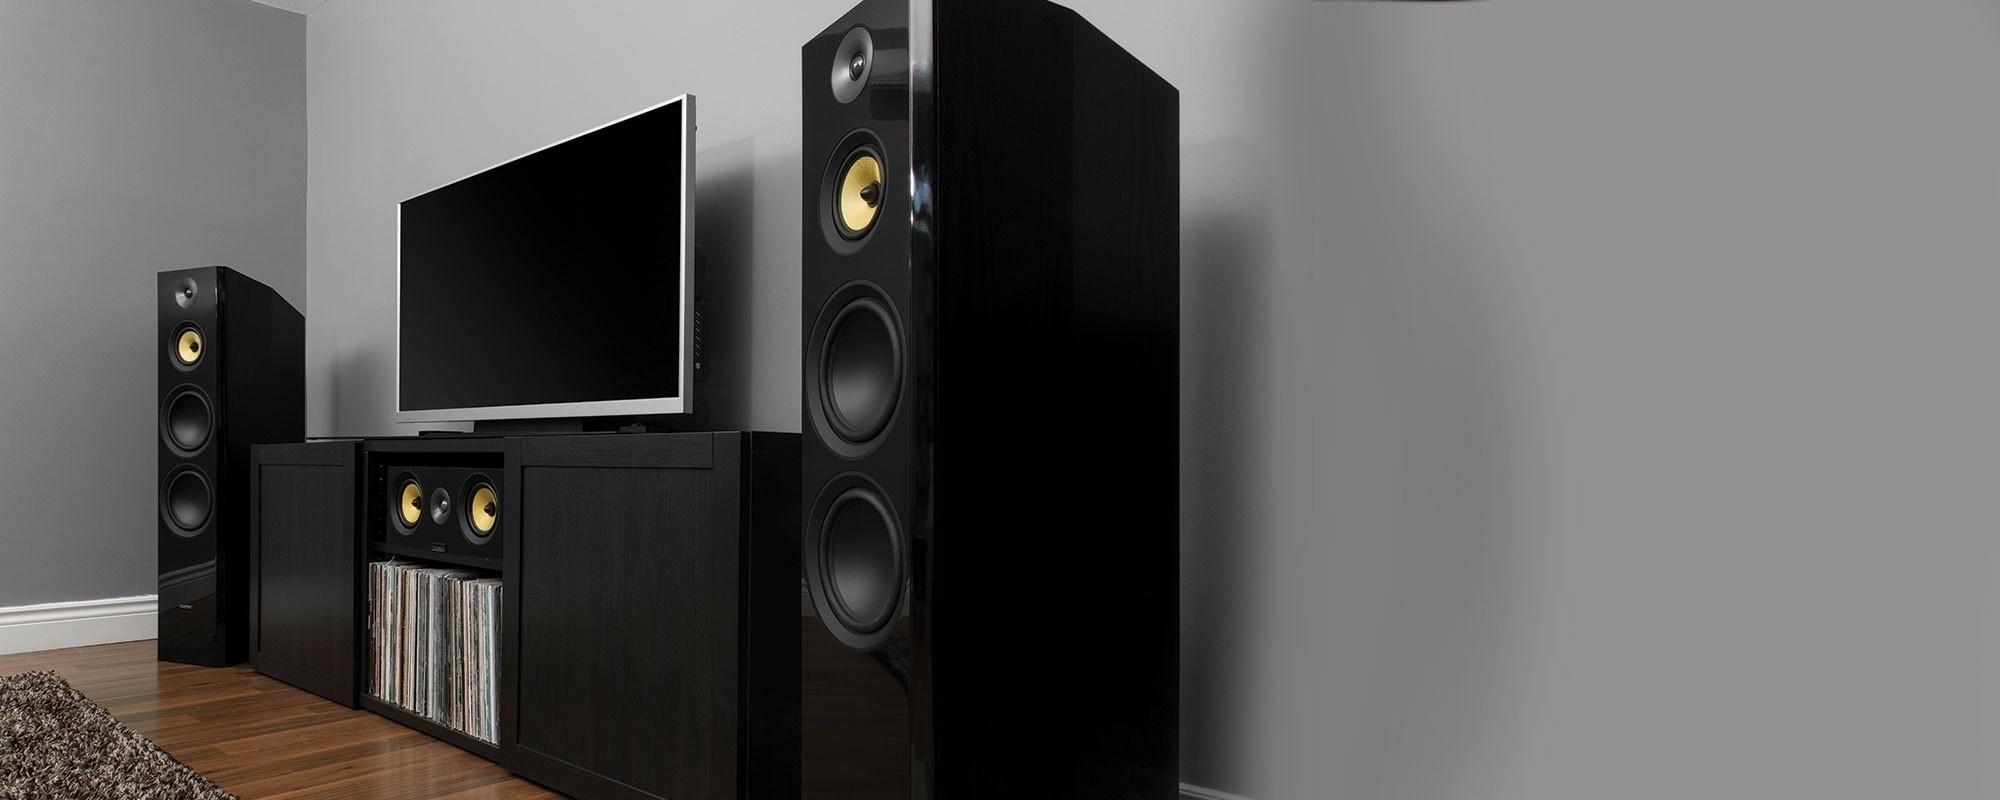 Signature Series Hi-Fi Three-way Floorstanding Speakers - LIfestyle